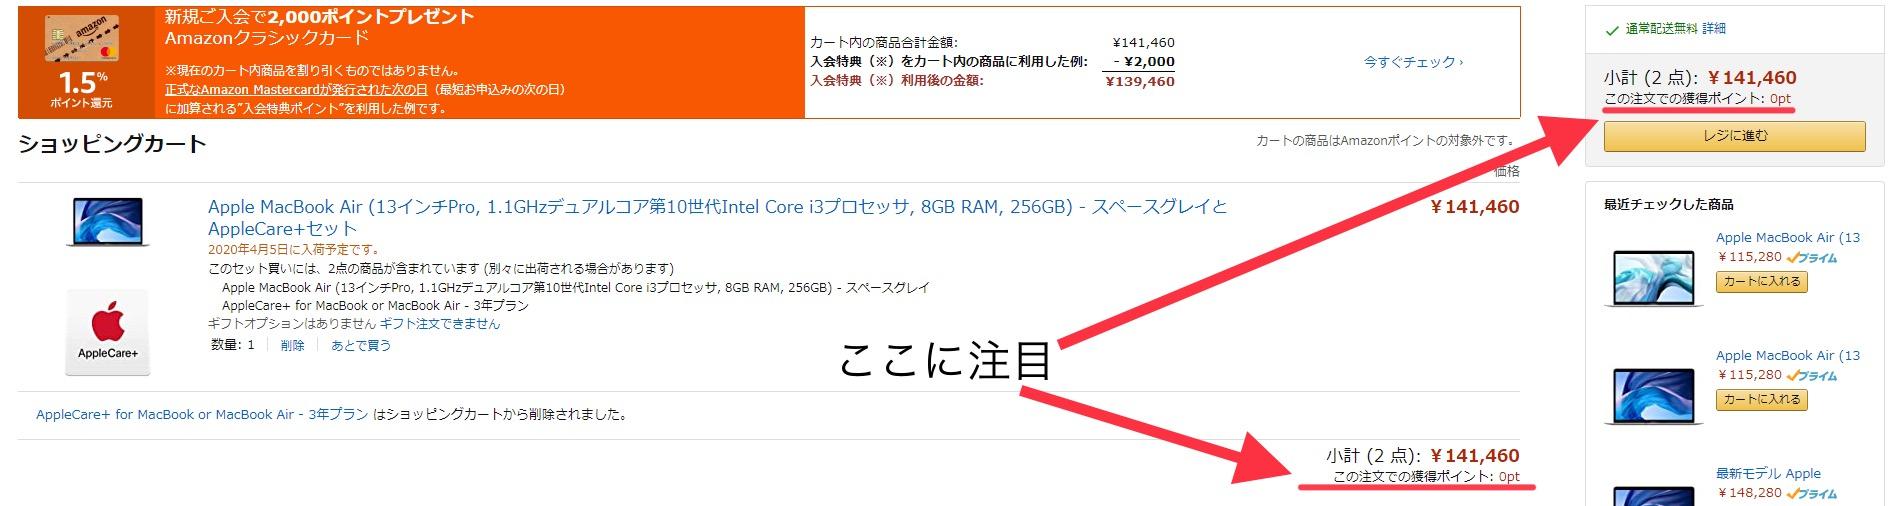 新型Macbook Airの購入時に気を付けること2